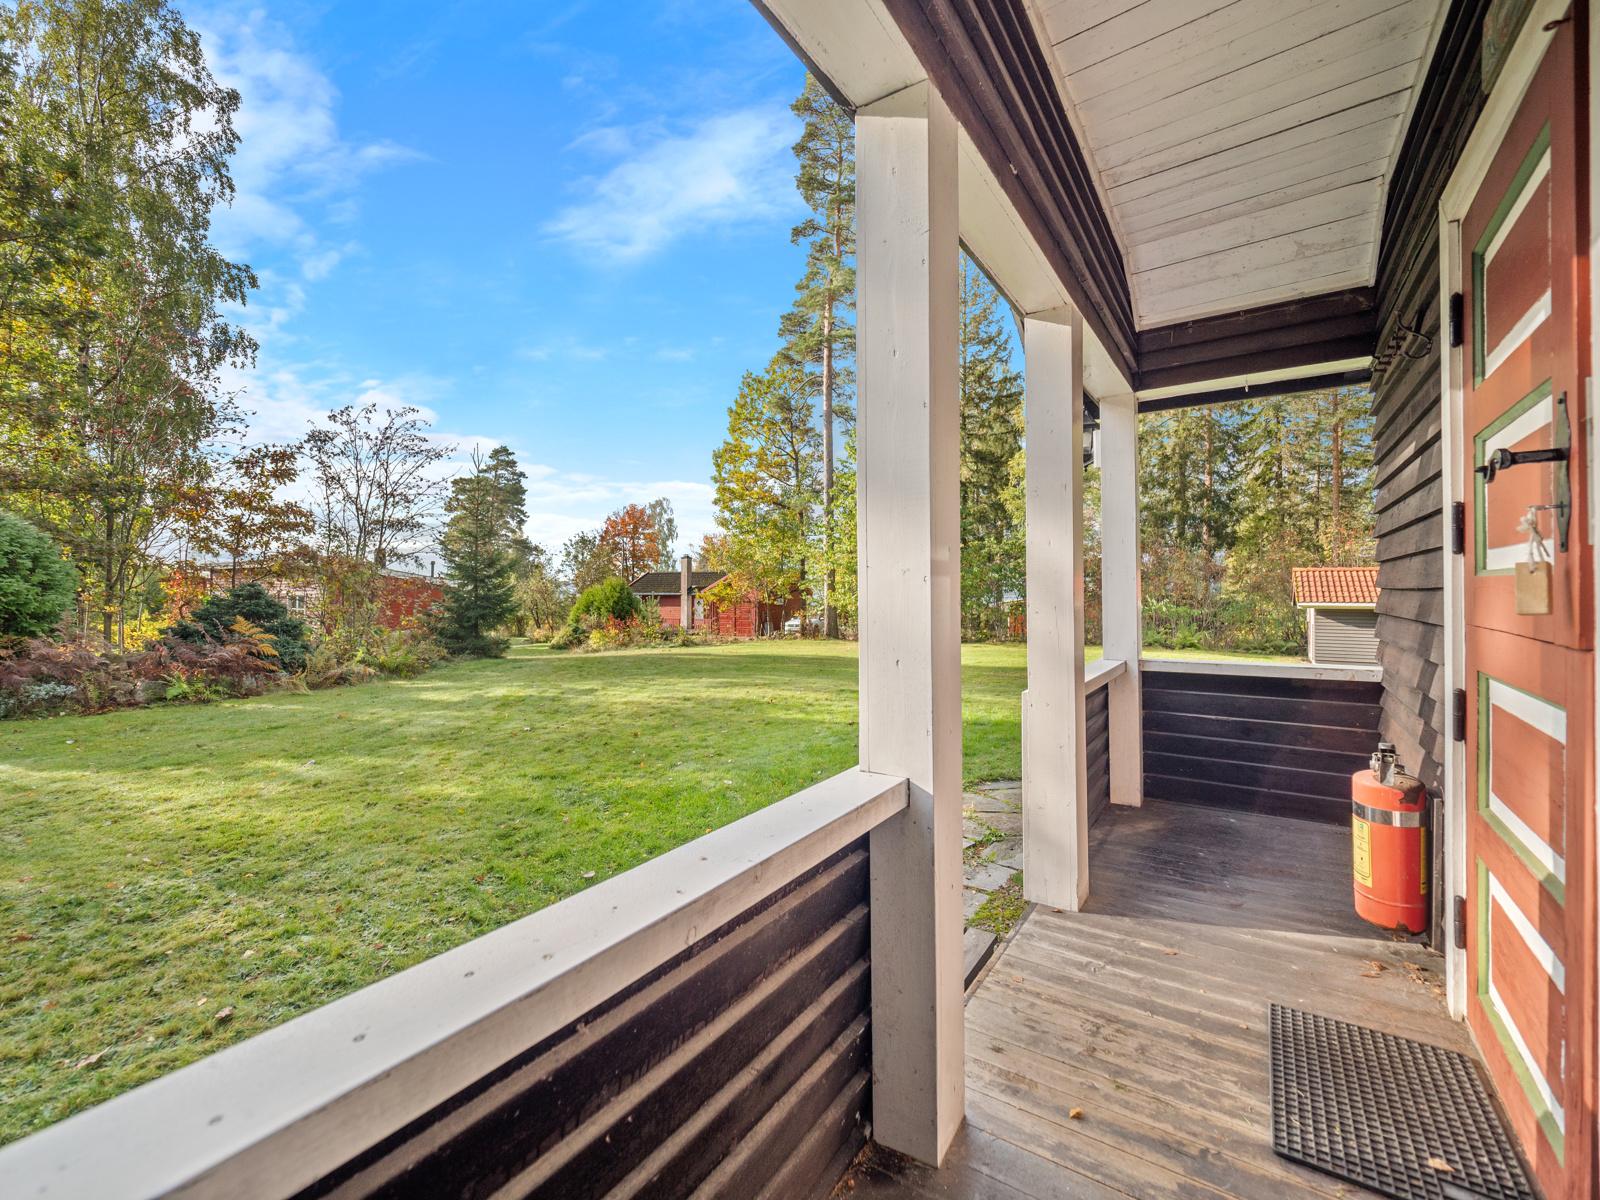 Overbygd inngangsparti på hytta - Her kan du sitte med utsikt over eiendommen